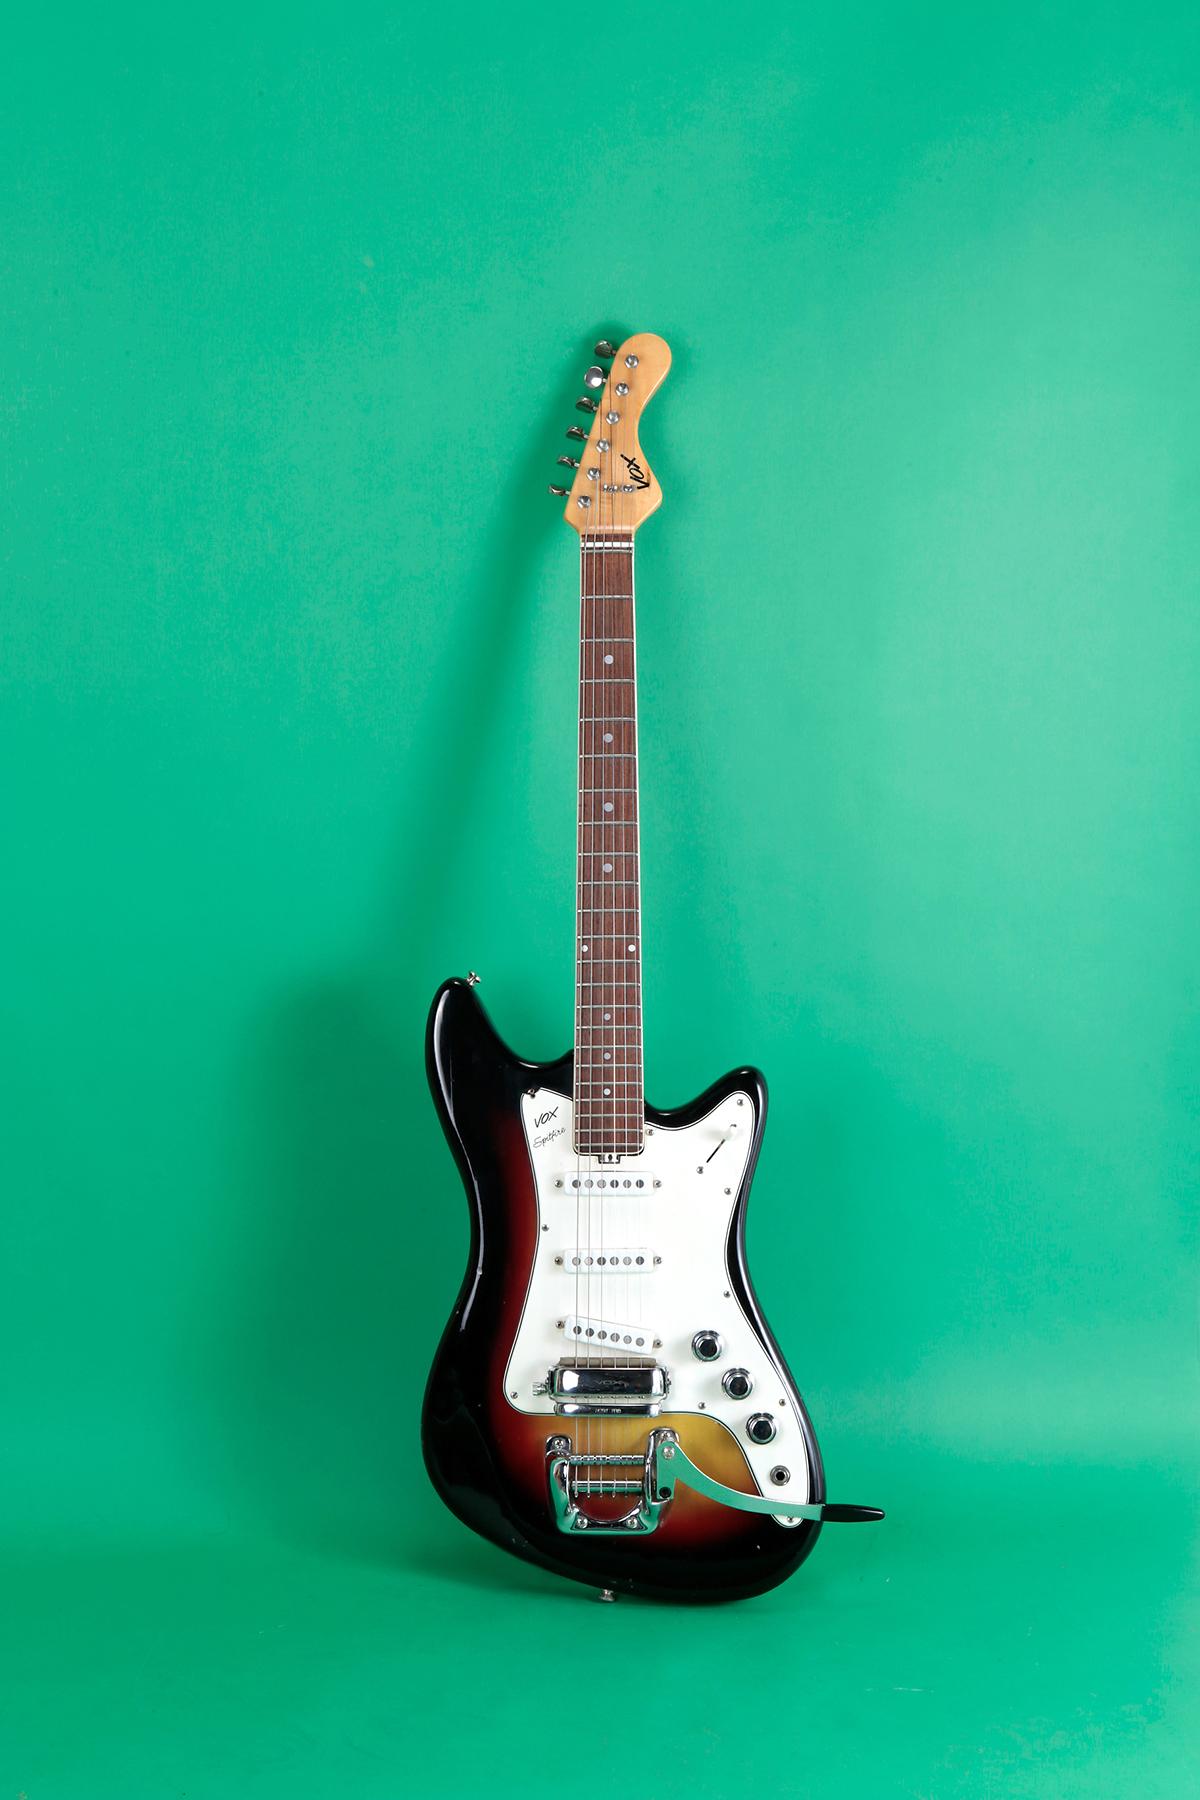 Vox Spitfire 1966 Sunburst Guitar For Sale Jay Rosen Music